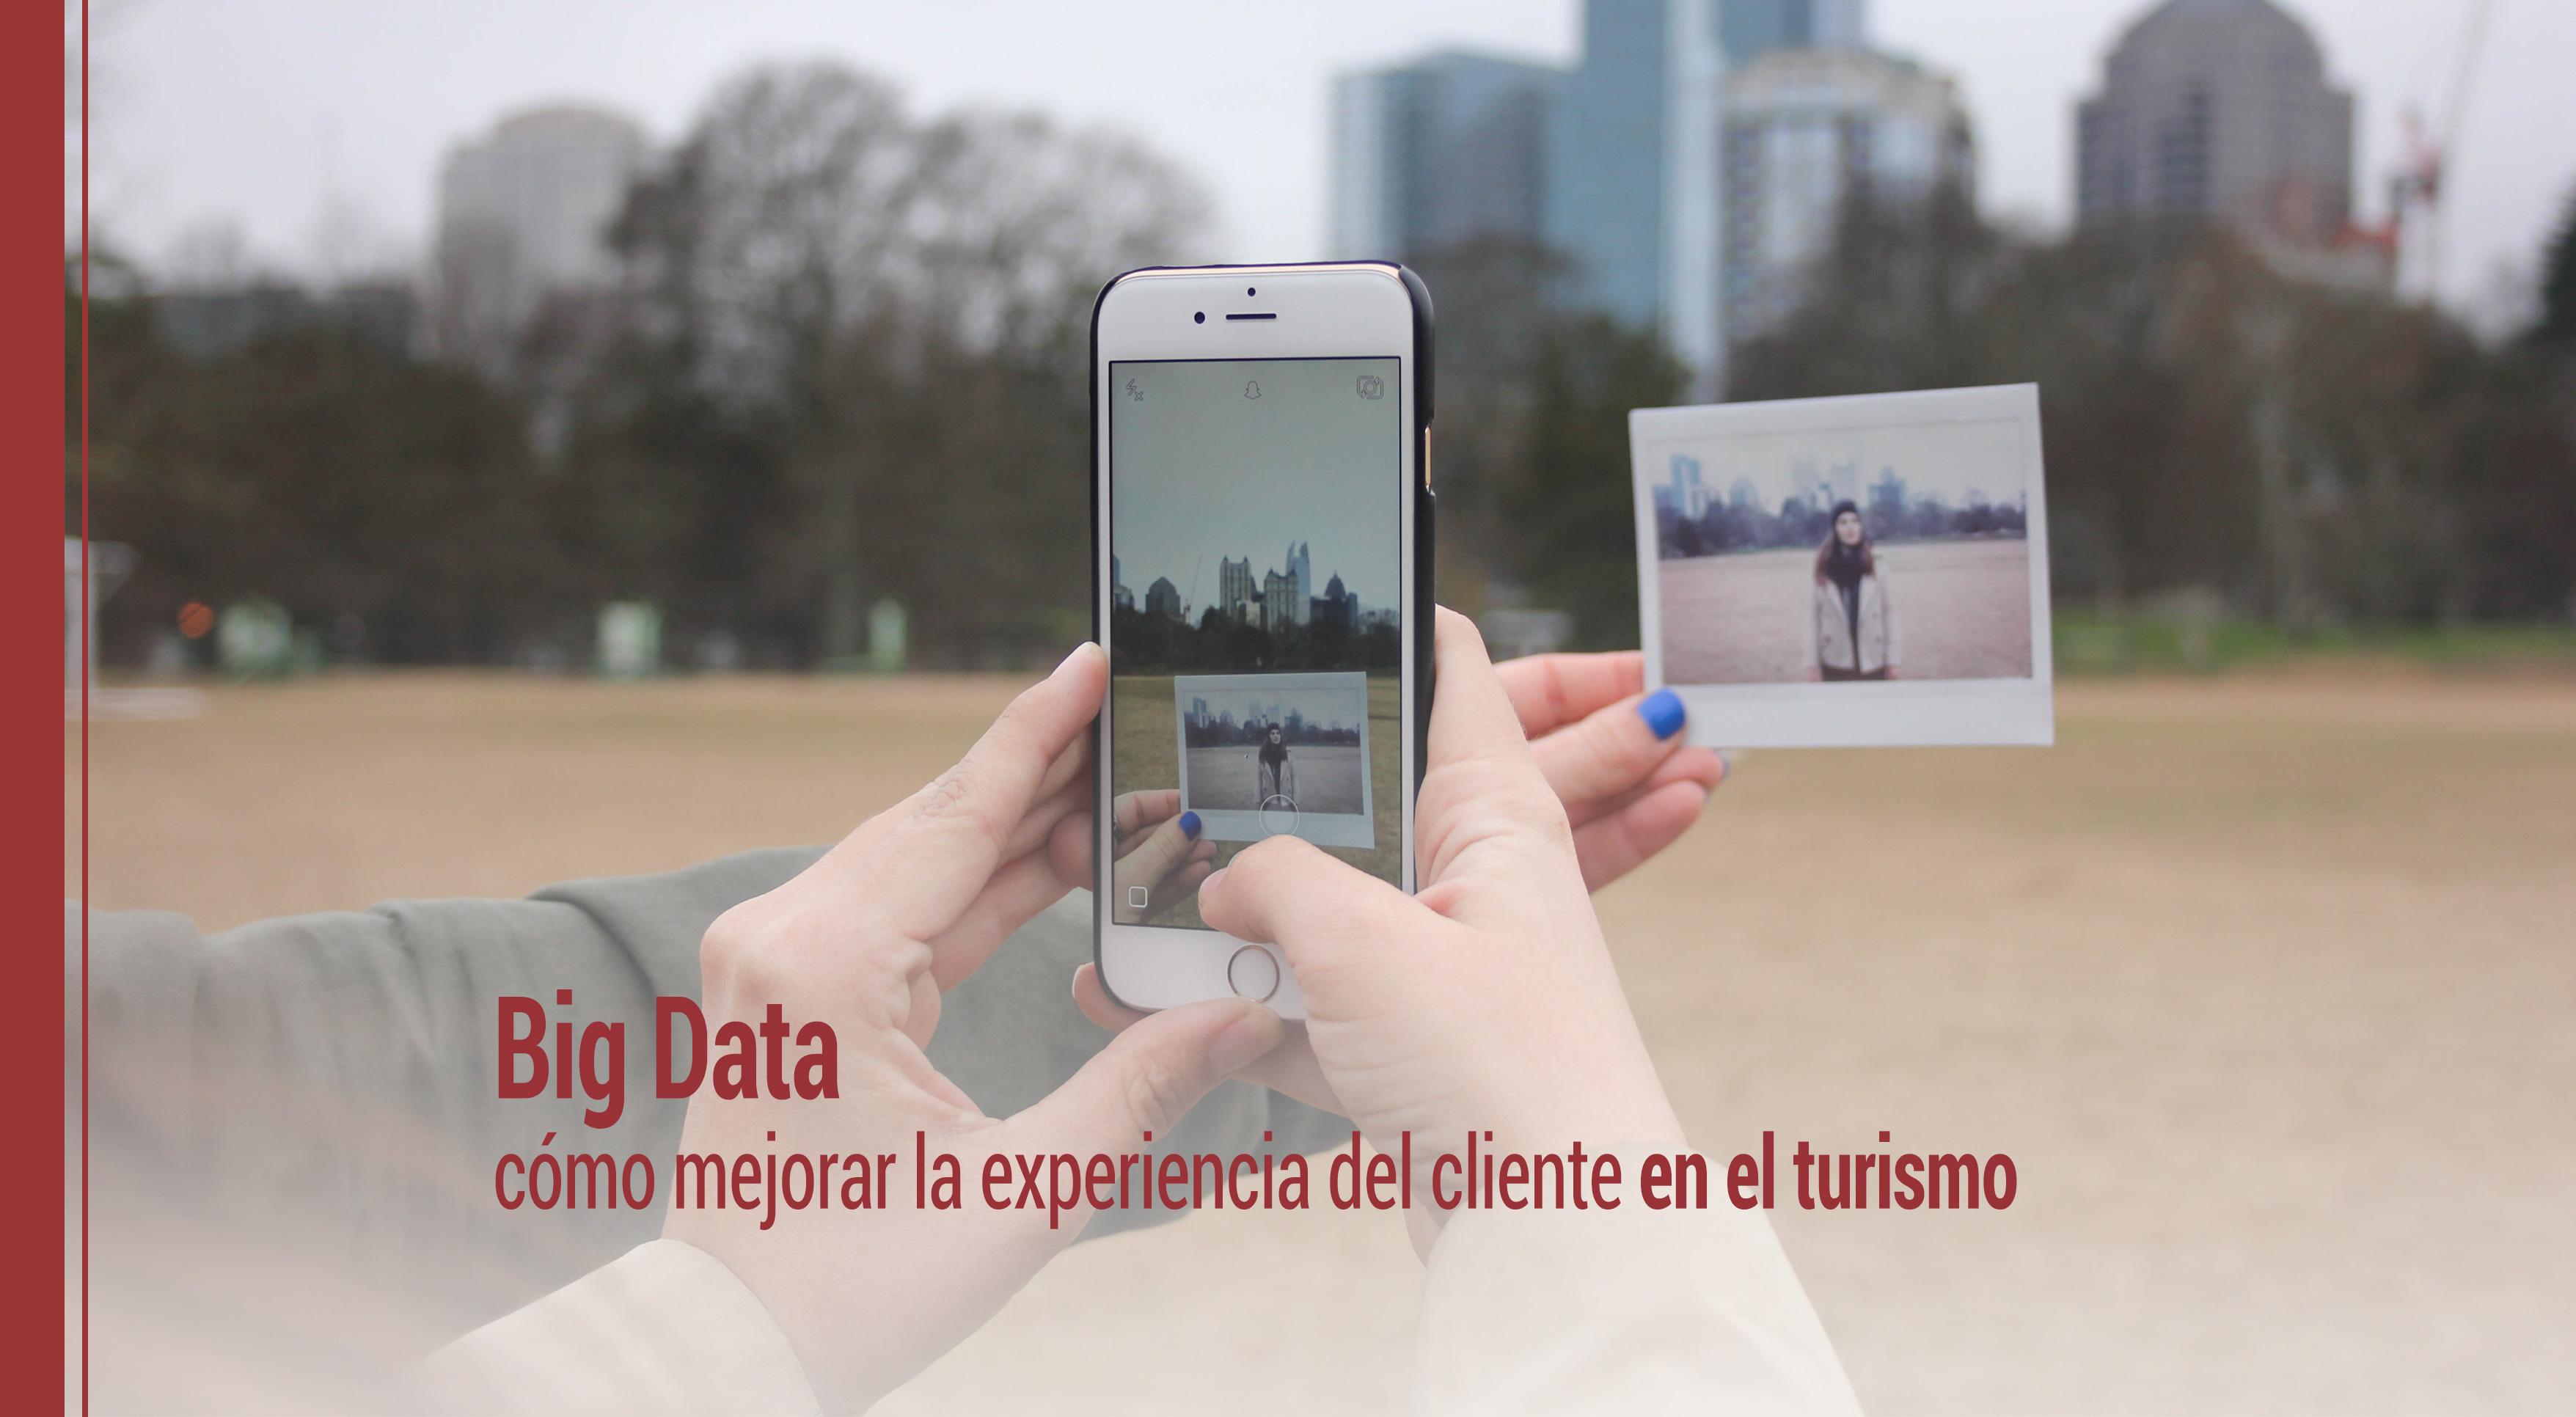 big-data-experiencia-cliente-turismo Big Data: cómo mejorar la experiencia del cliente en el turismo